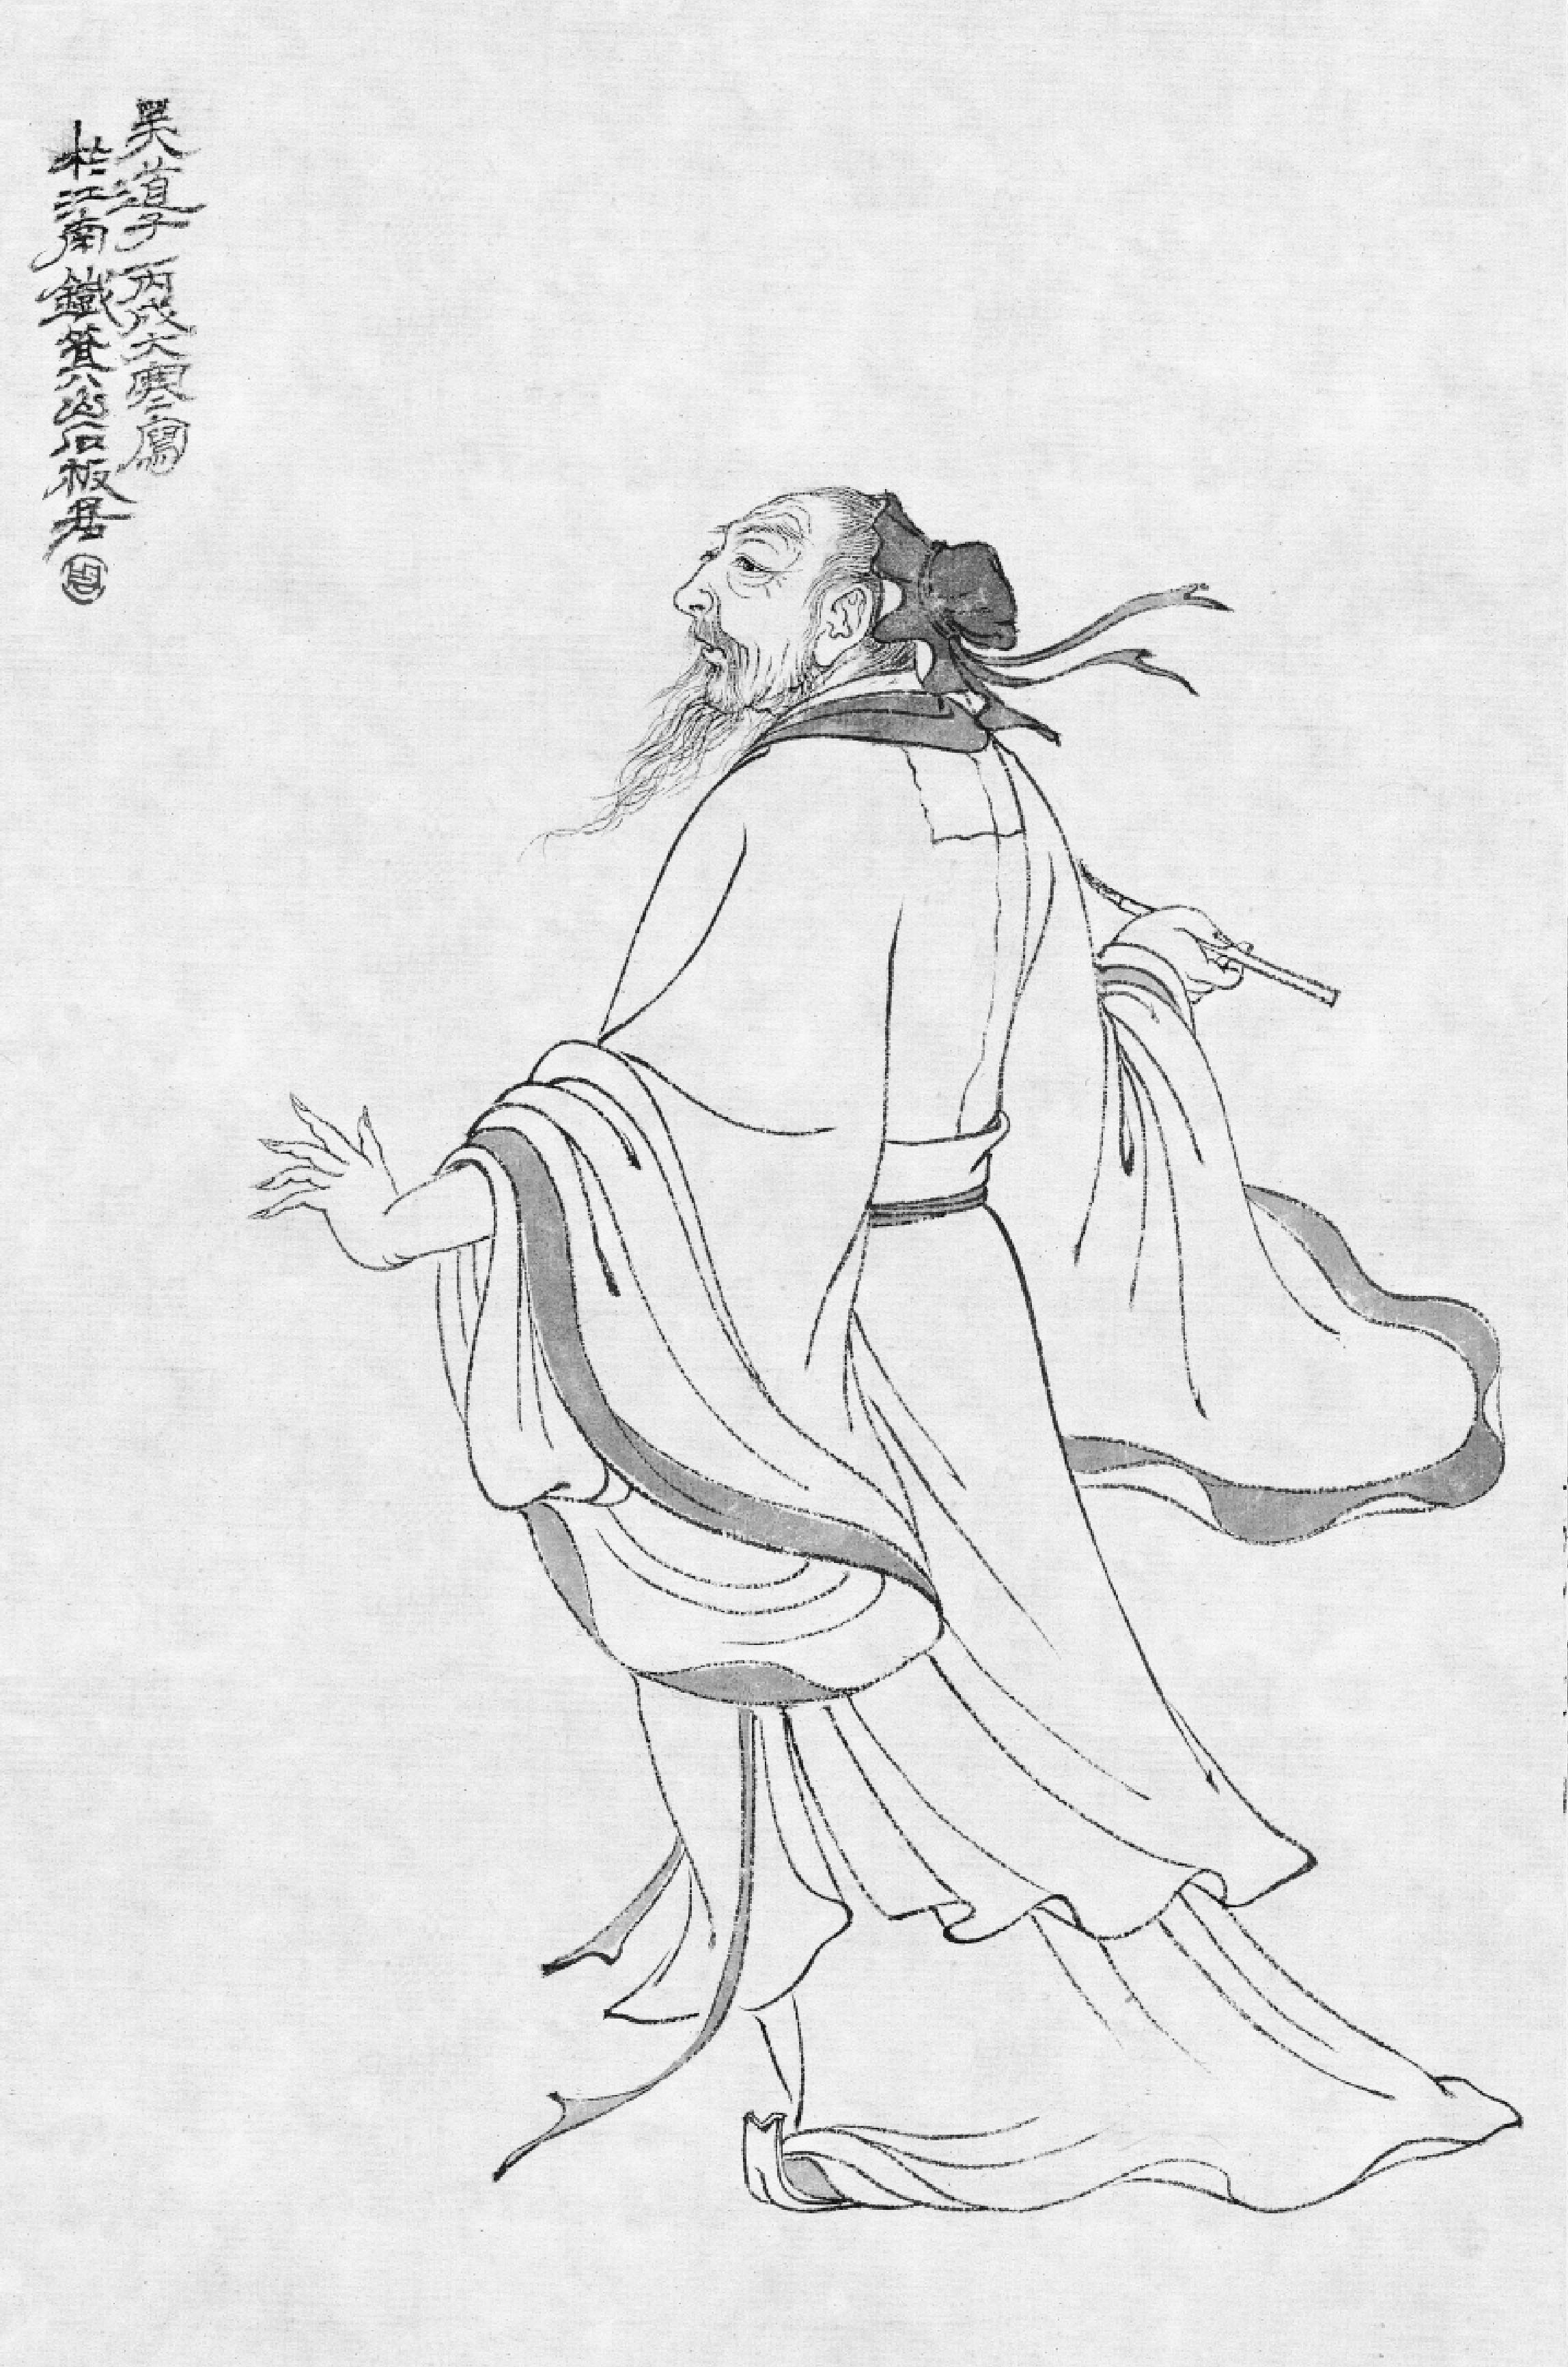 吴道子-历史人物-图片